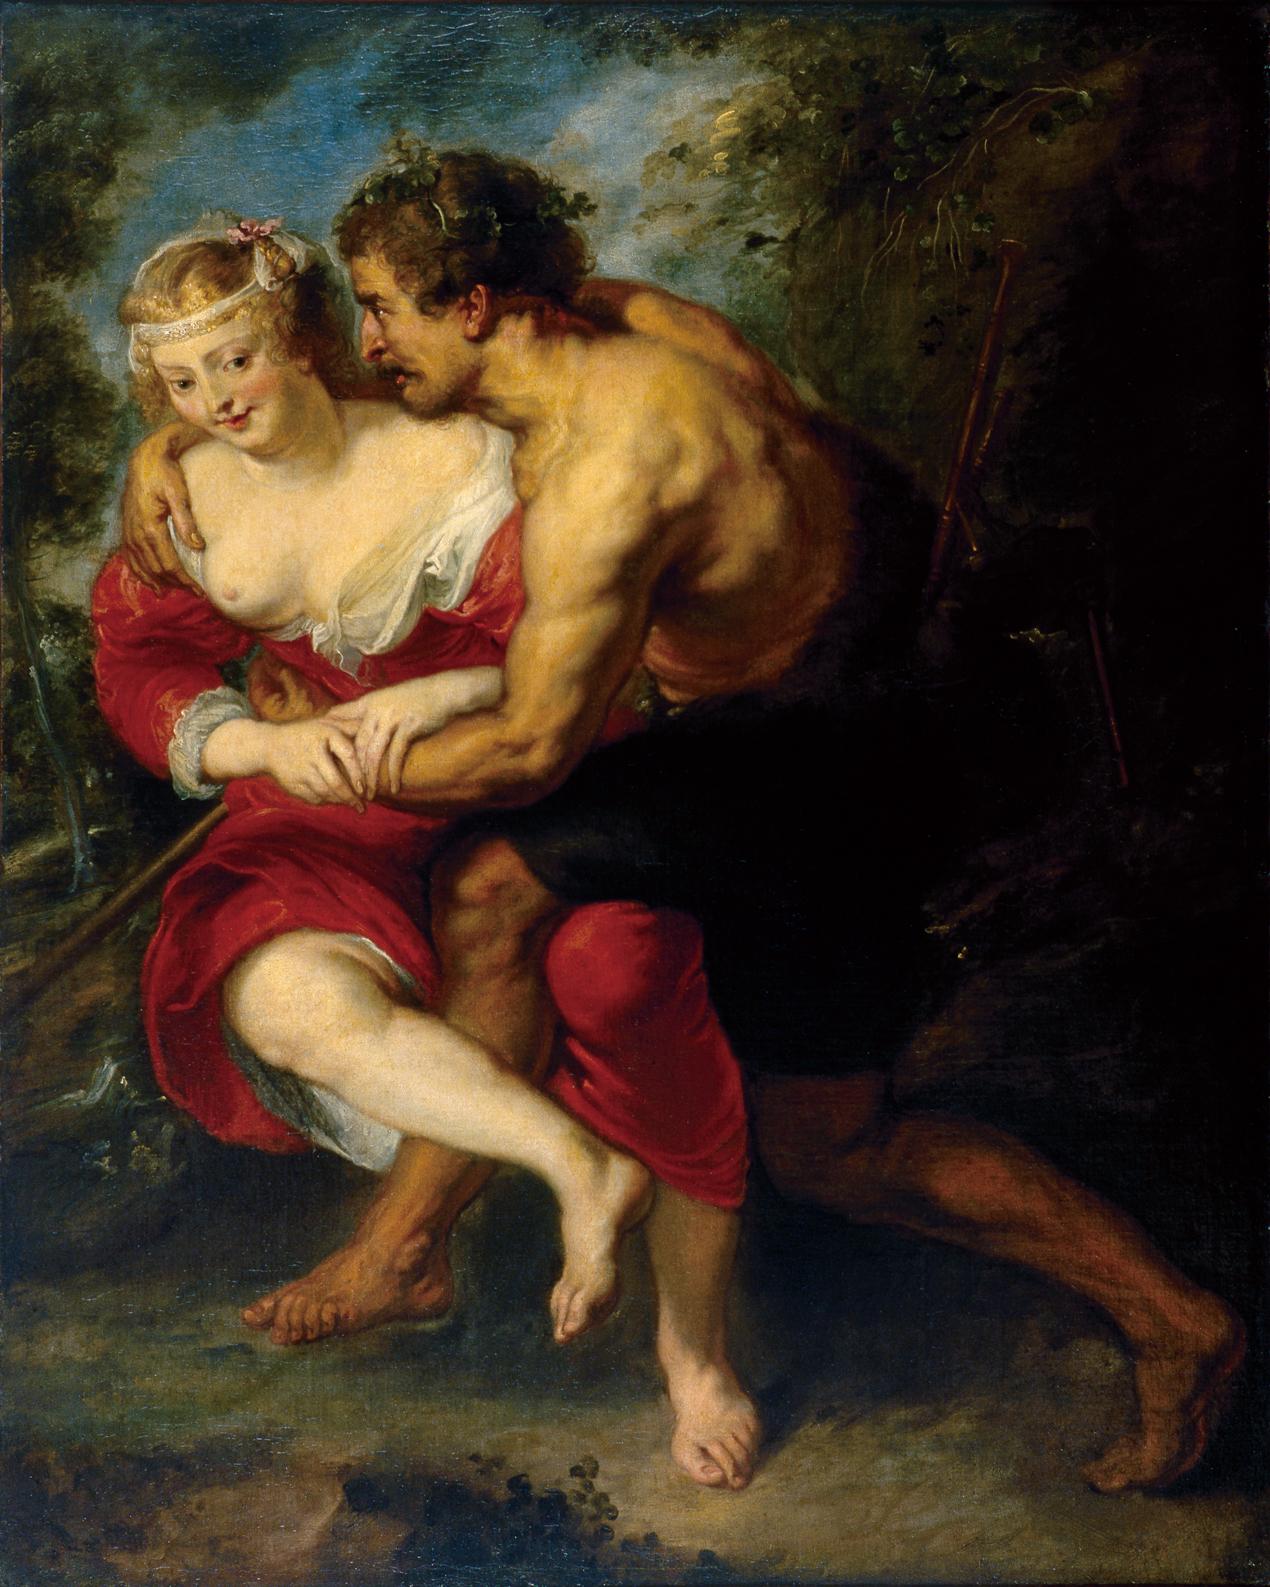 美術館 情報サイト アートアジェンダ ぺーテル・パウル・ルーベンスと工房《田園風景》1638-1640年頃